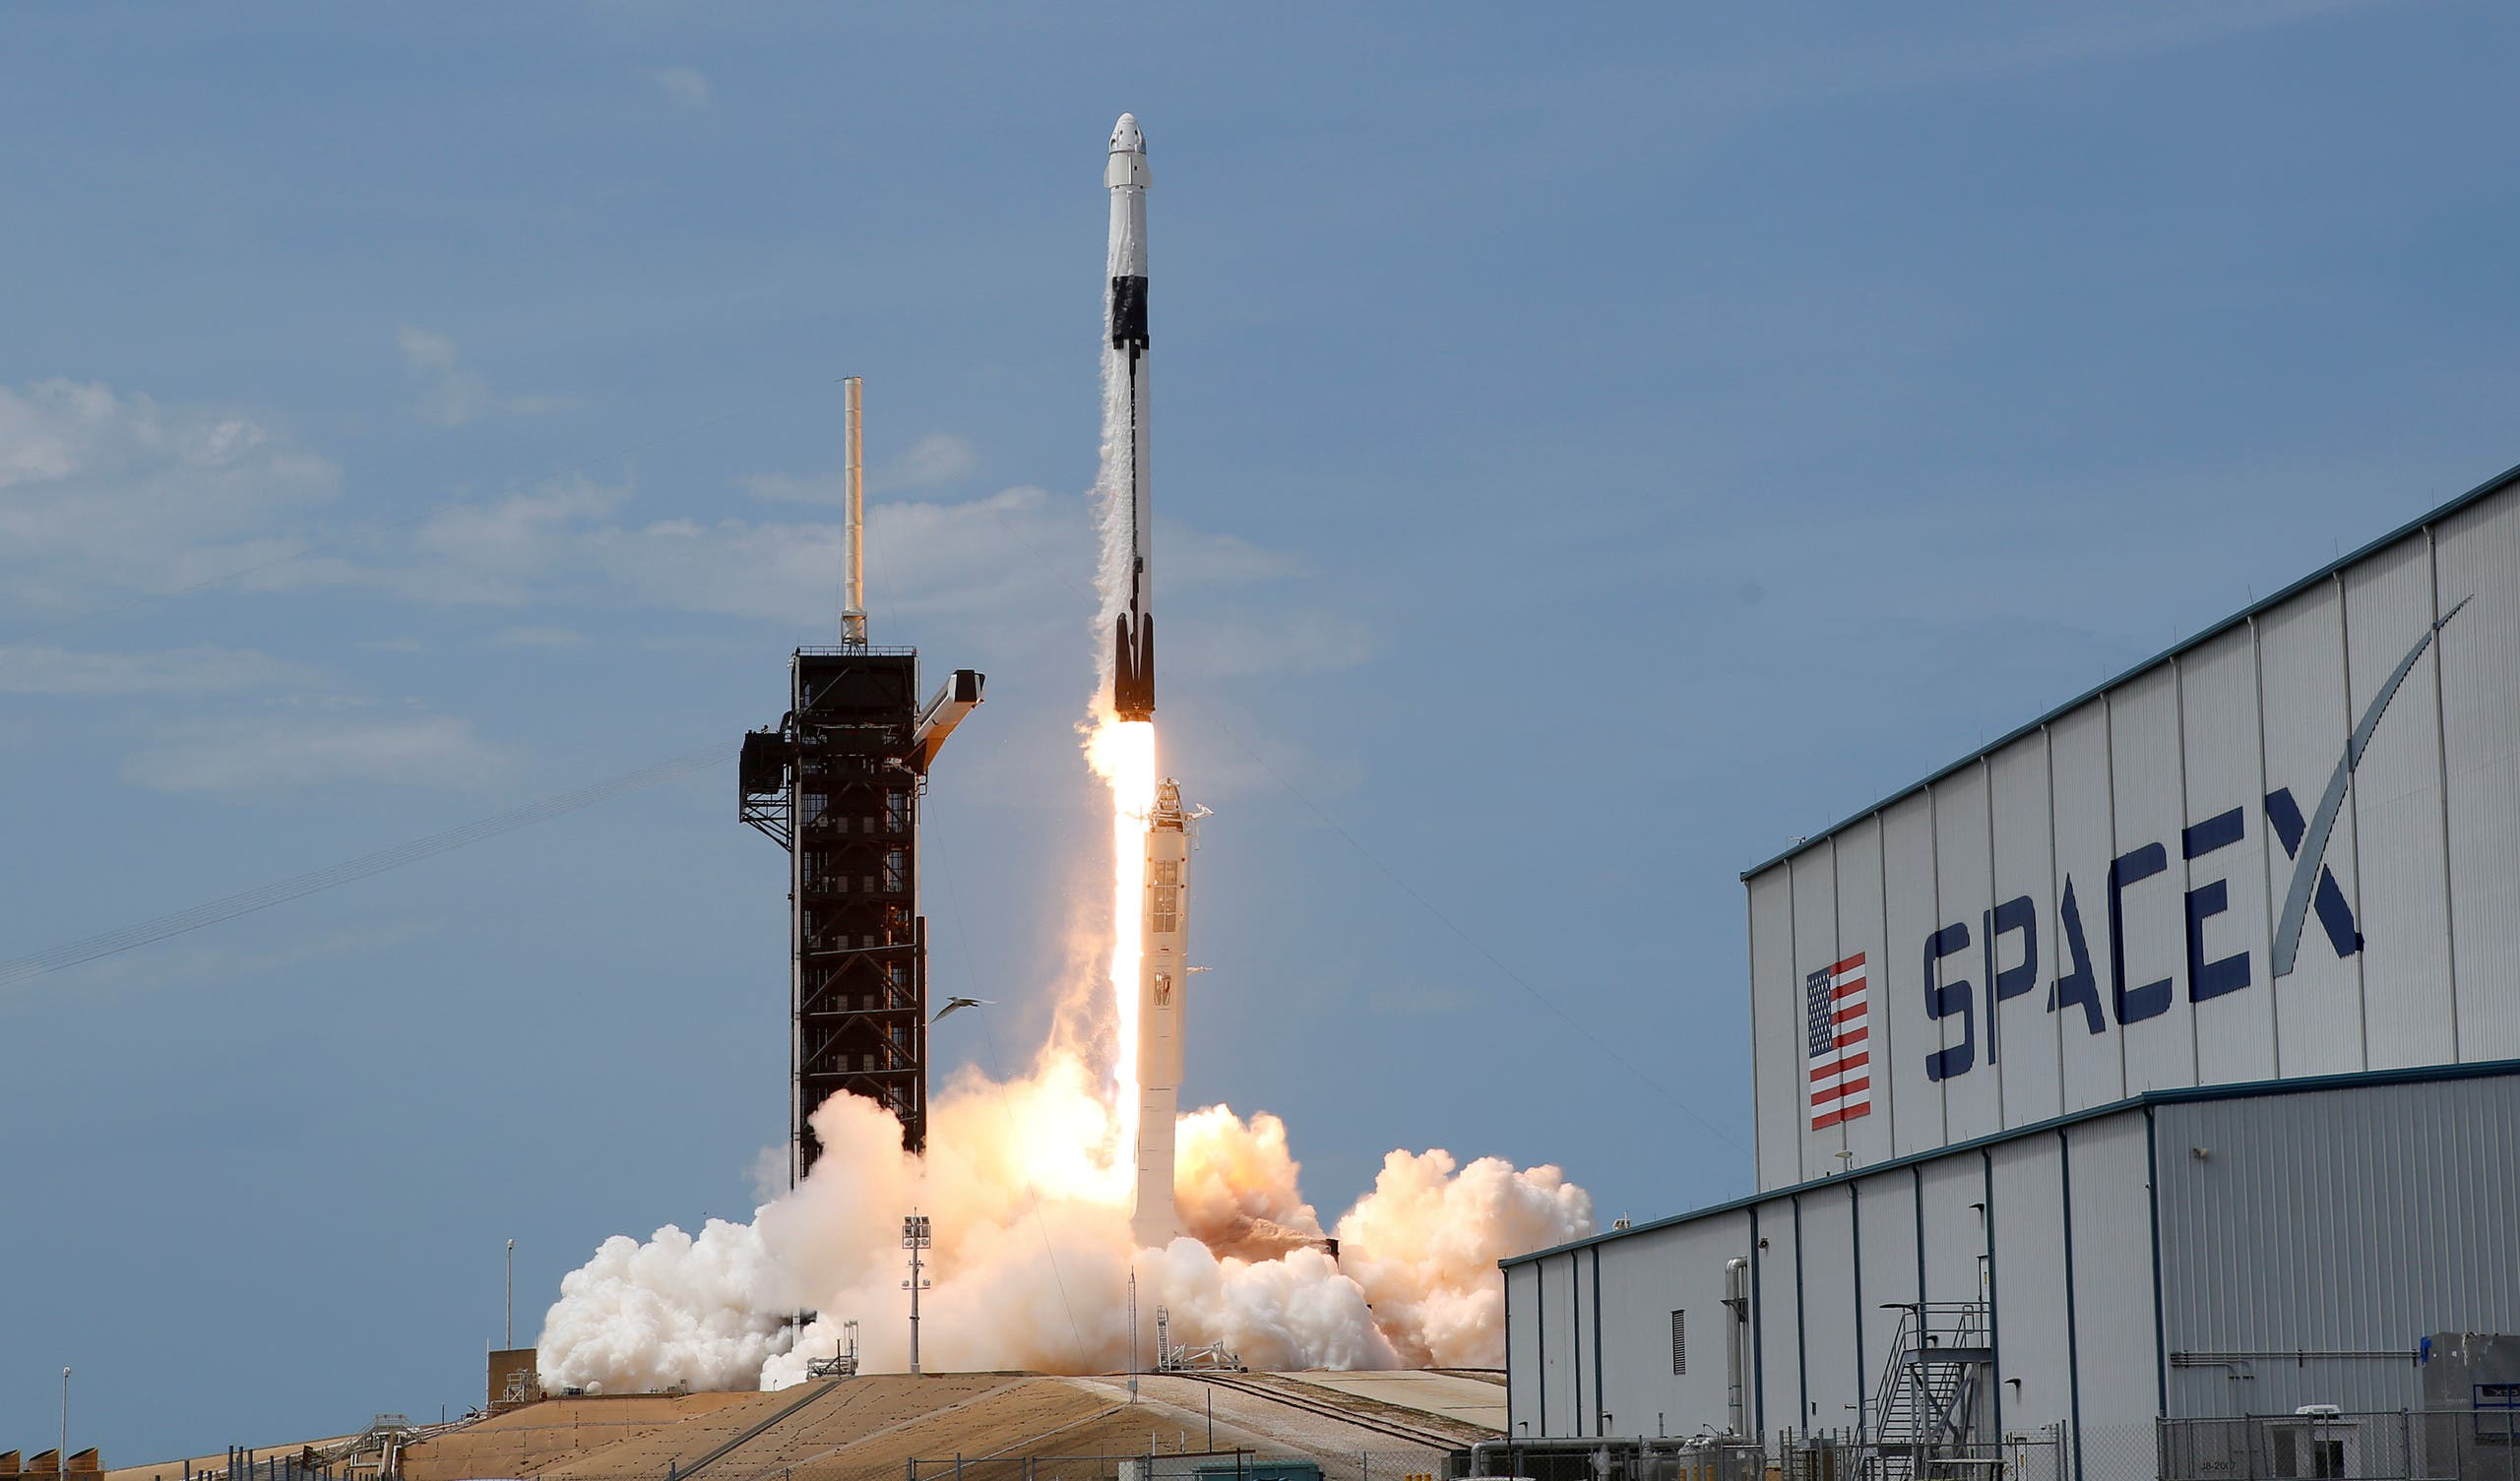 من أول عملية إطلاق مركبة إلى محطة الفضاء التي أجرتها سبايس اكس في مايو الماضي